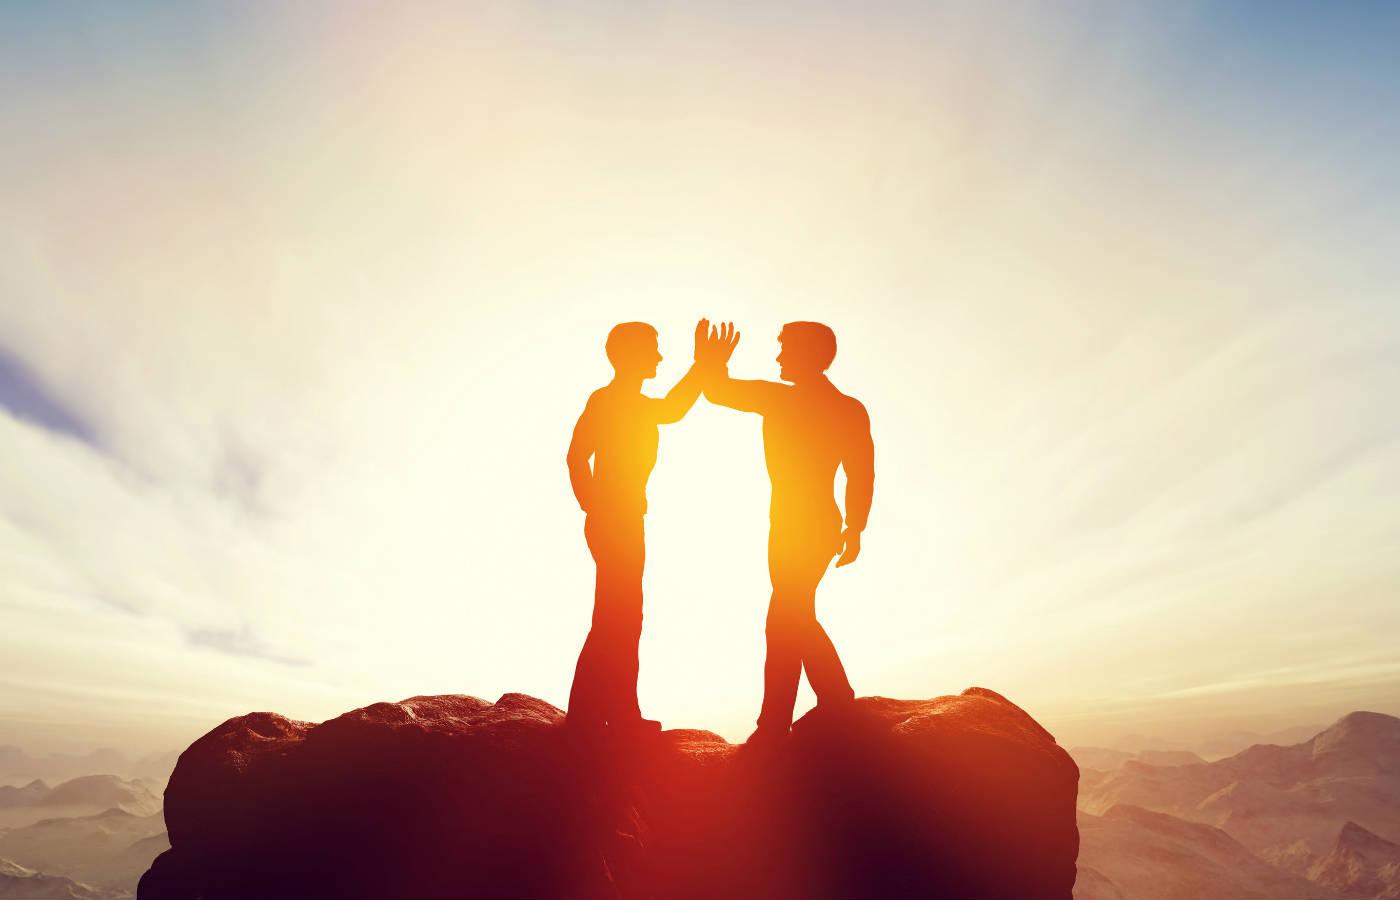 Humildade e mente aberta, fatores essenciais para aprender sempre